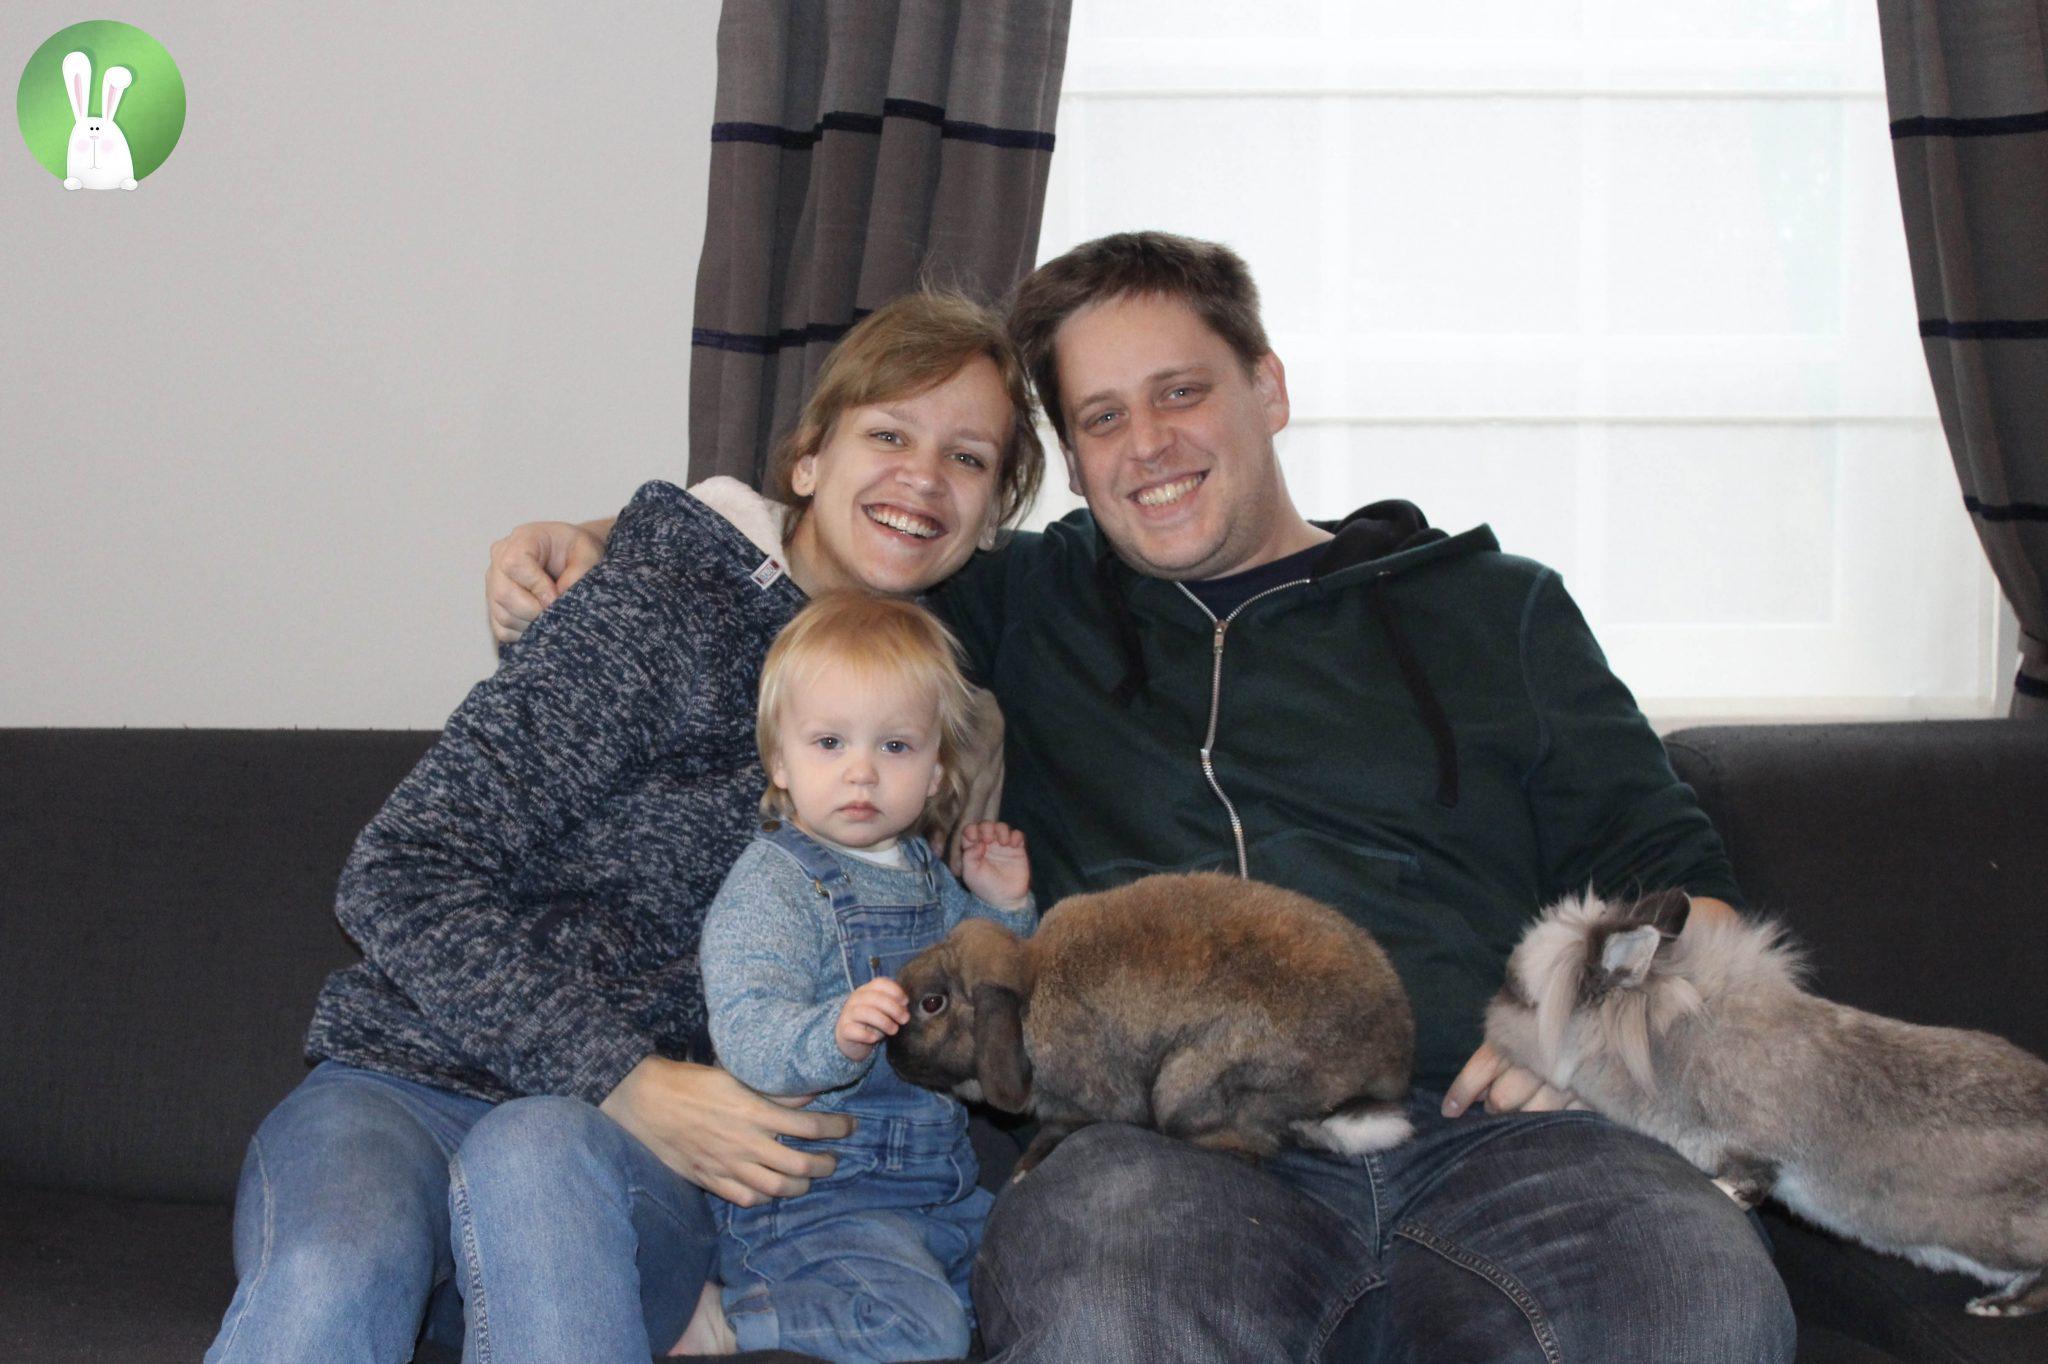 Familieportret | Hopster vzw